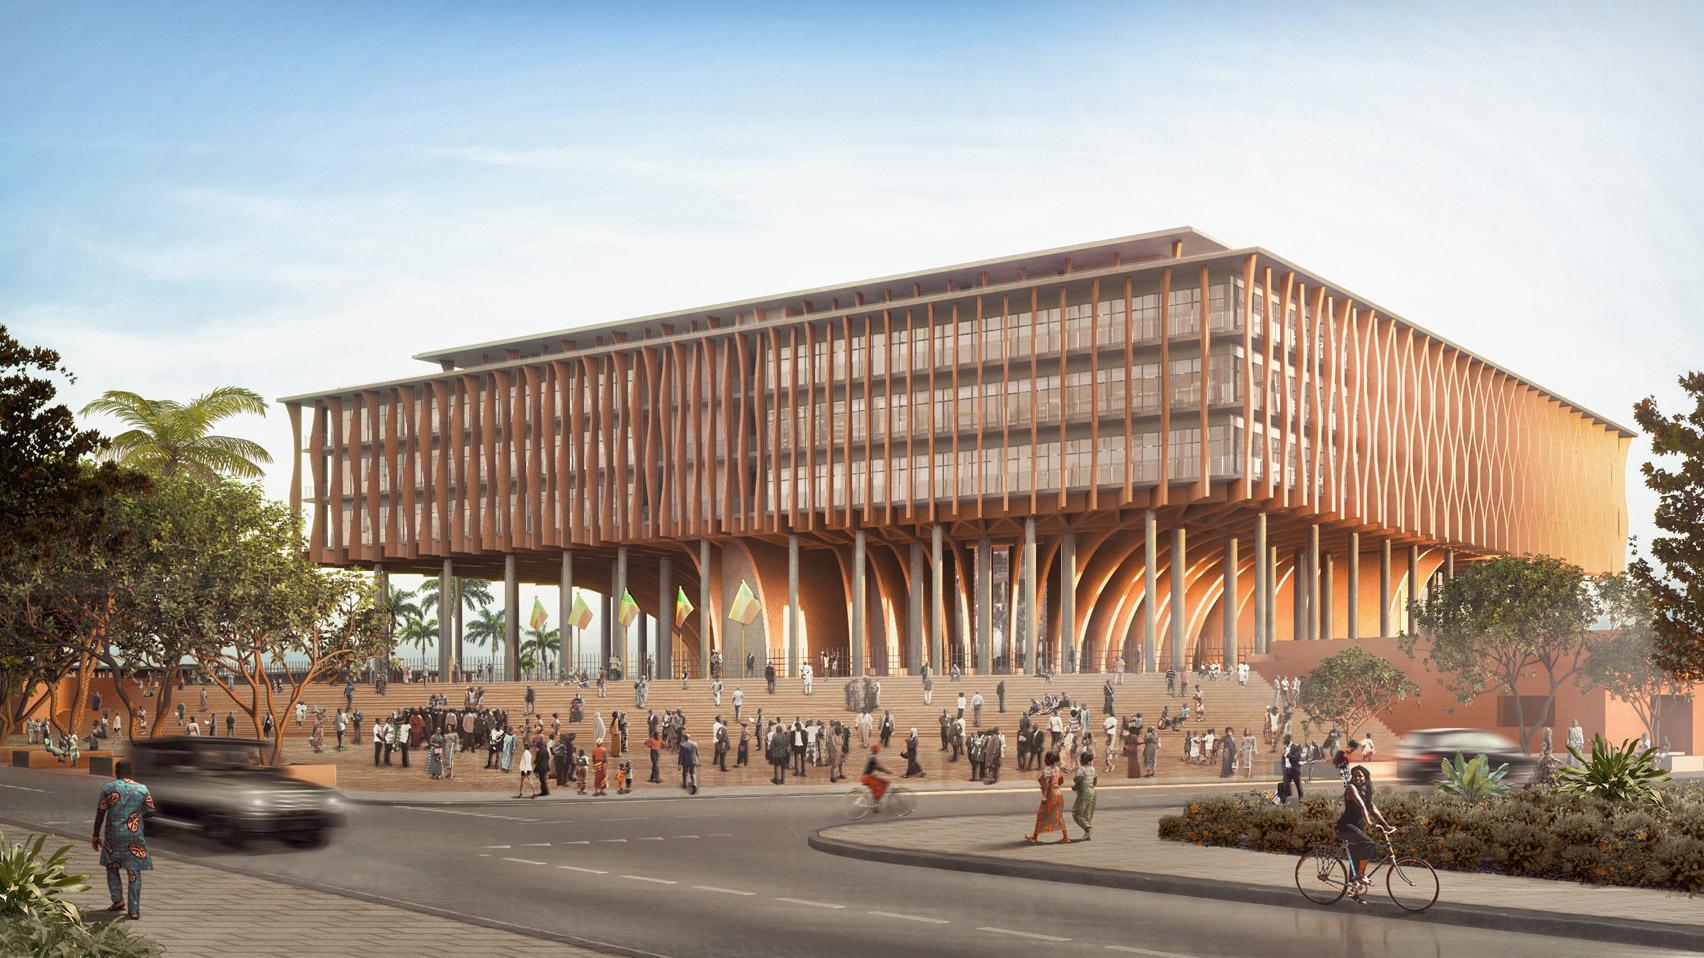 Benin parliament by Kéré Architecture